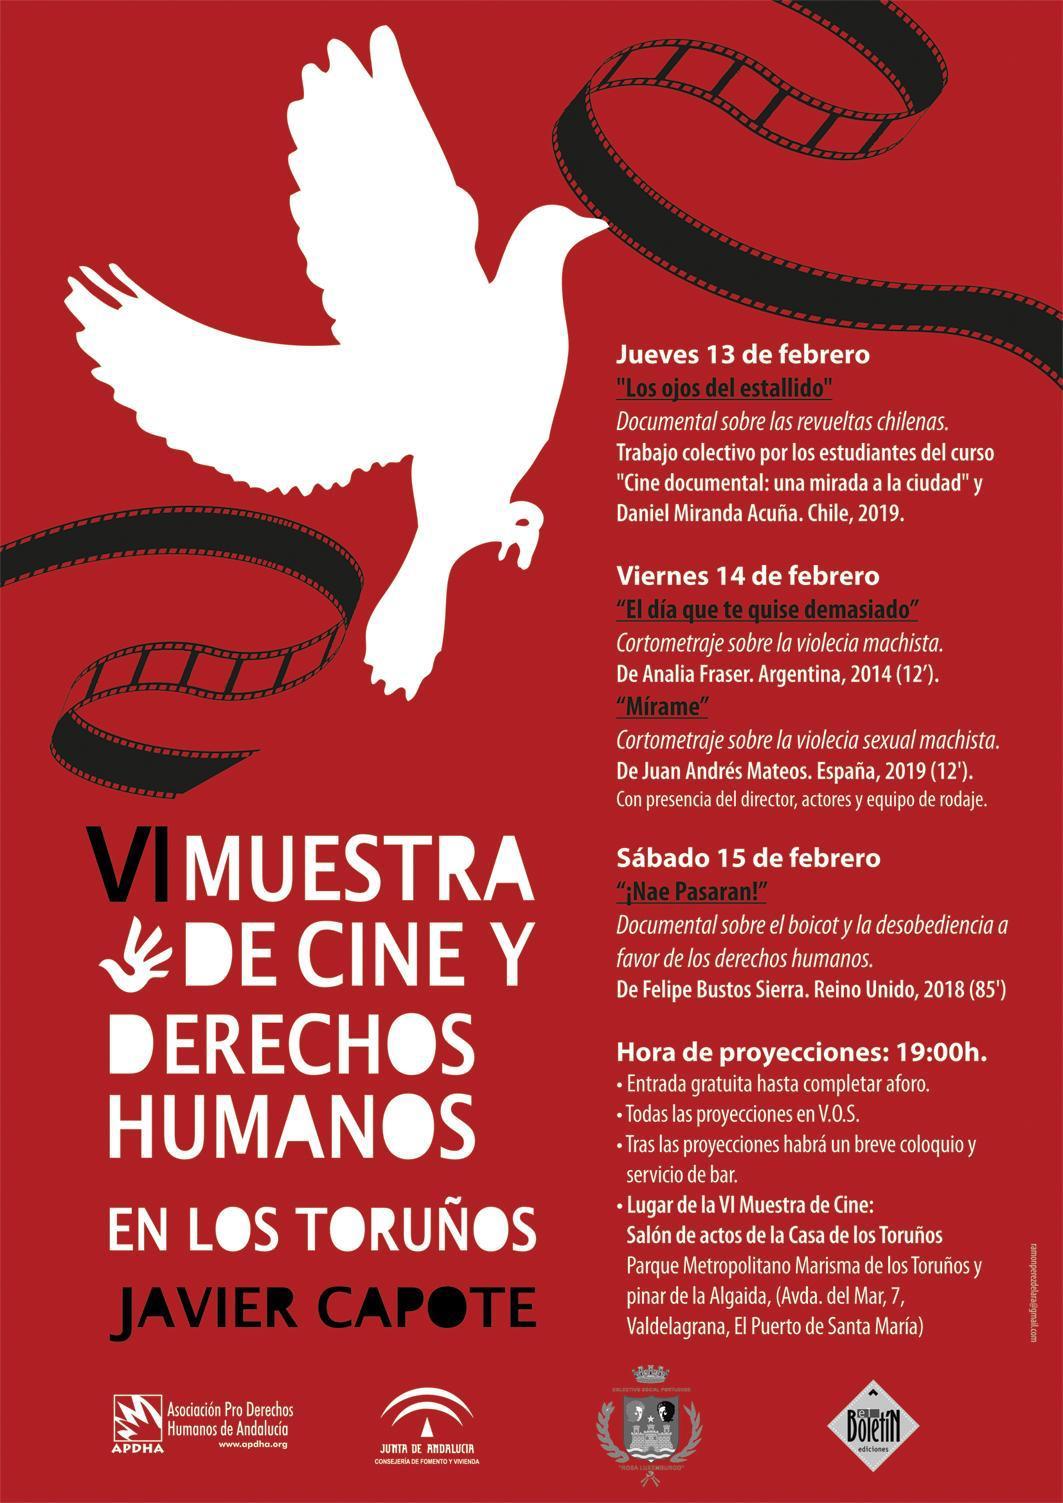 VI MUESTRA DE CINE Y DERECHOS HUMANOS | Javier Capote